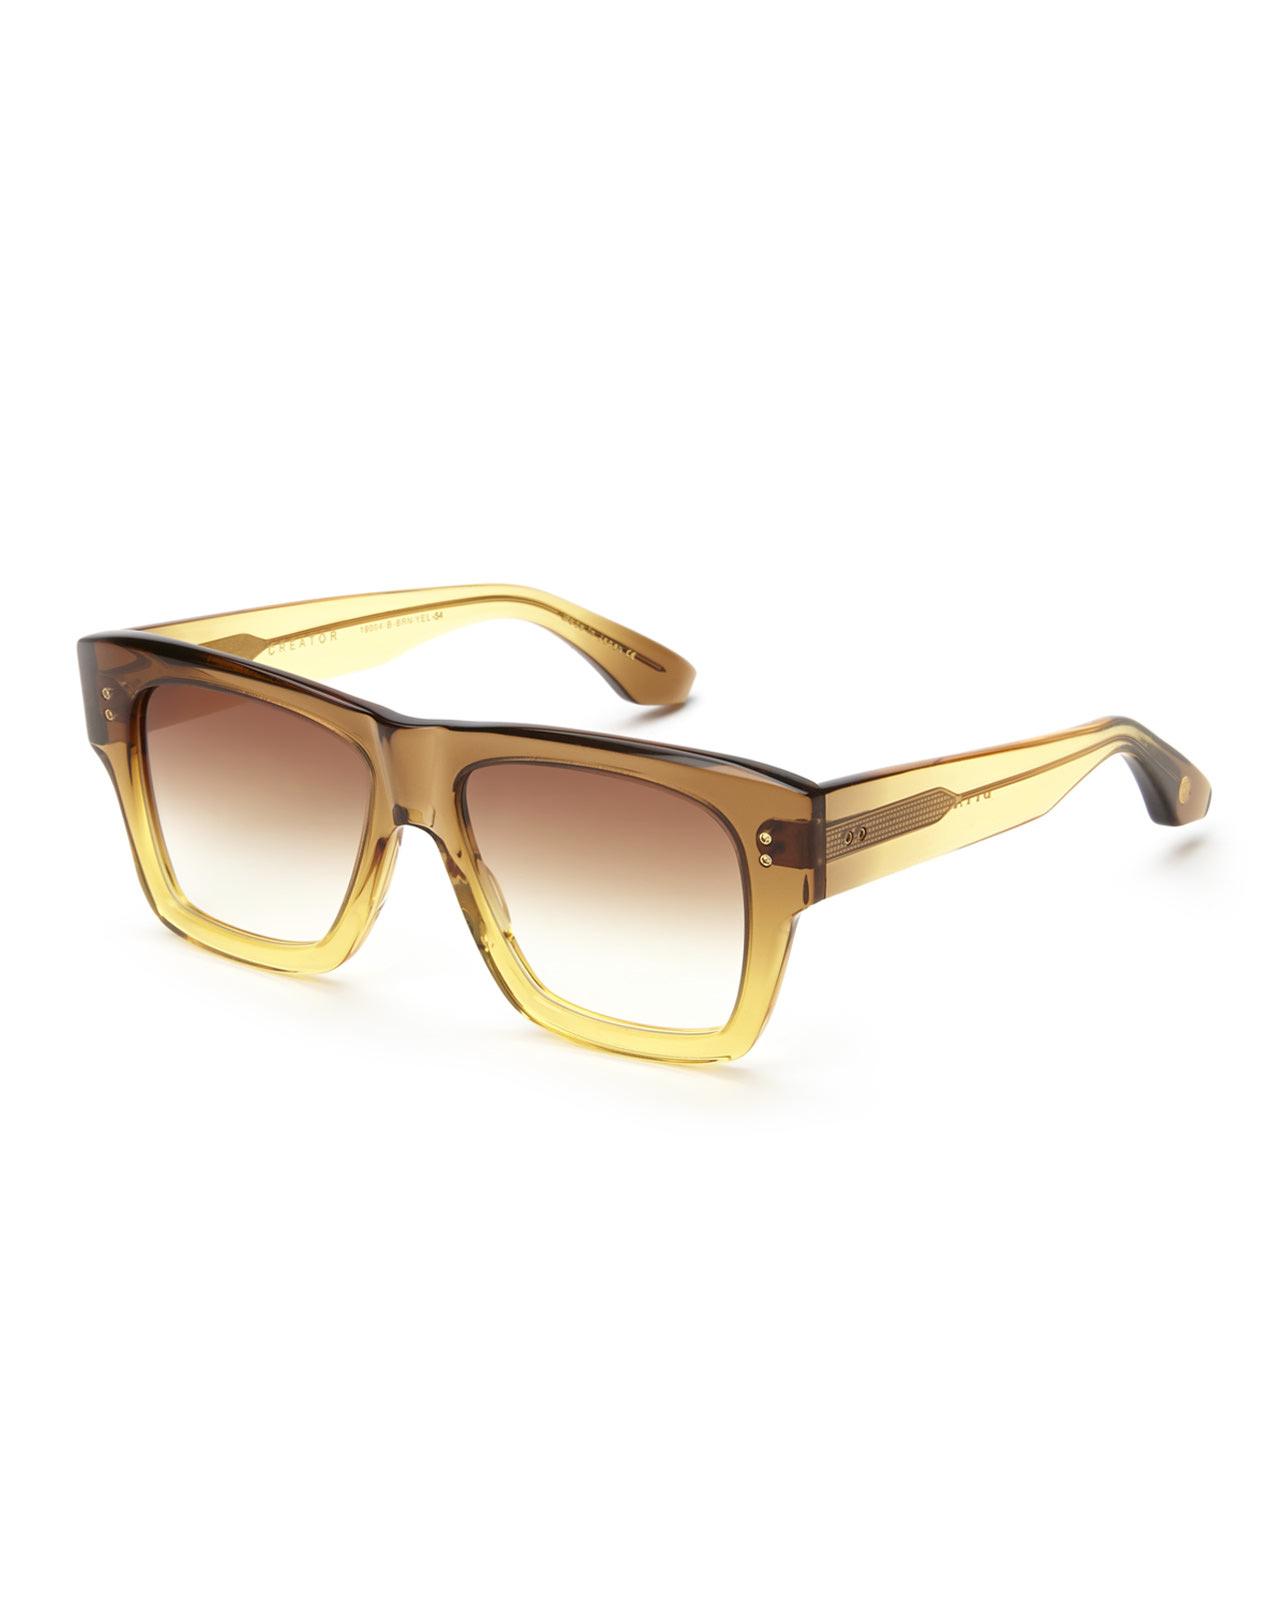 Dita Creator Sunglasses  dita 19004 creator square wayfarer sunglasses in brown lyst